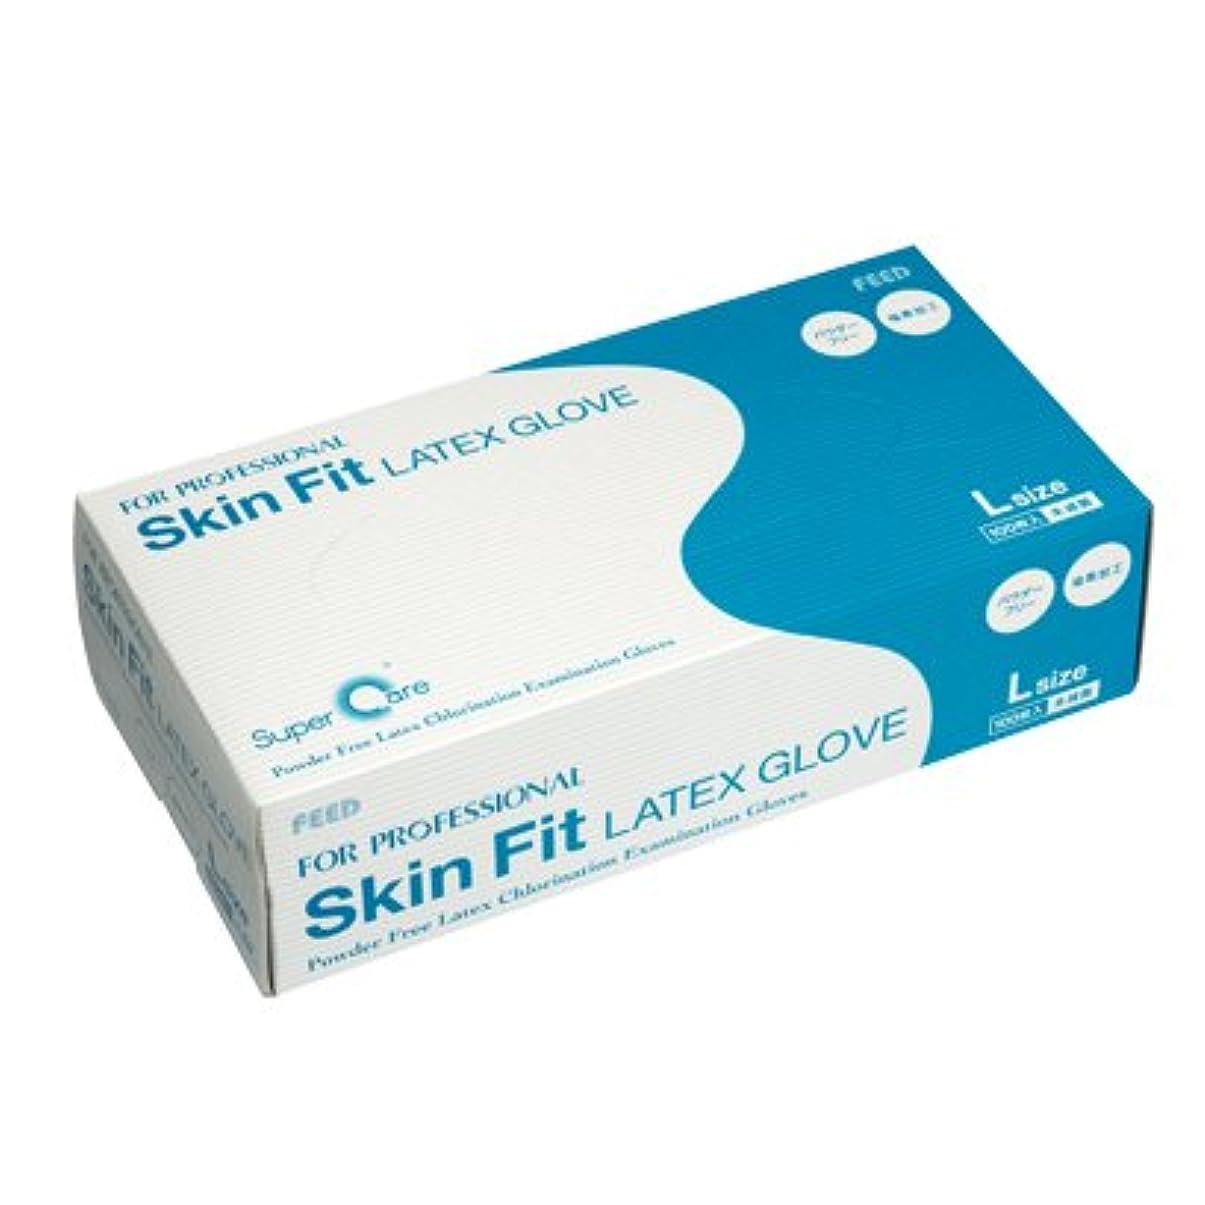 深く炭素どちらもFEED(フィード) Skin Fit ラテックスグローブ パウダーフリー 塩素加工 L カートン(10ケース) (医療機器)